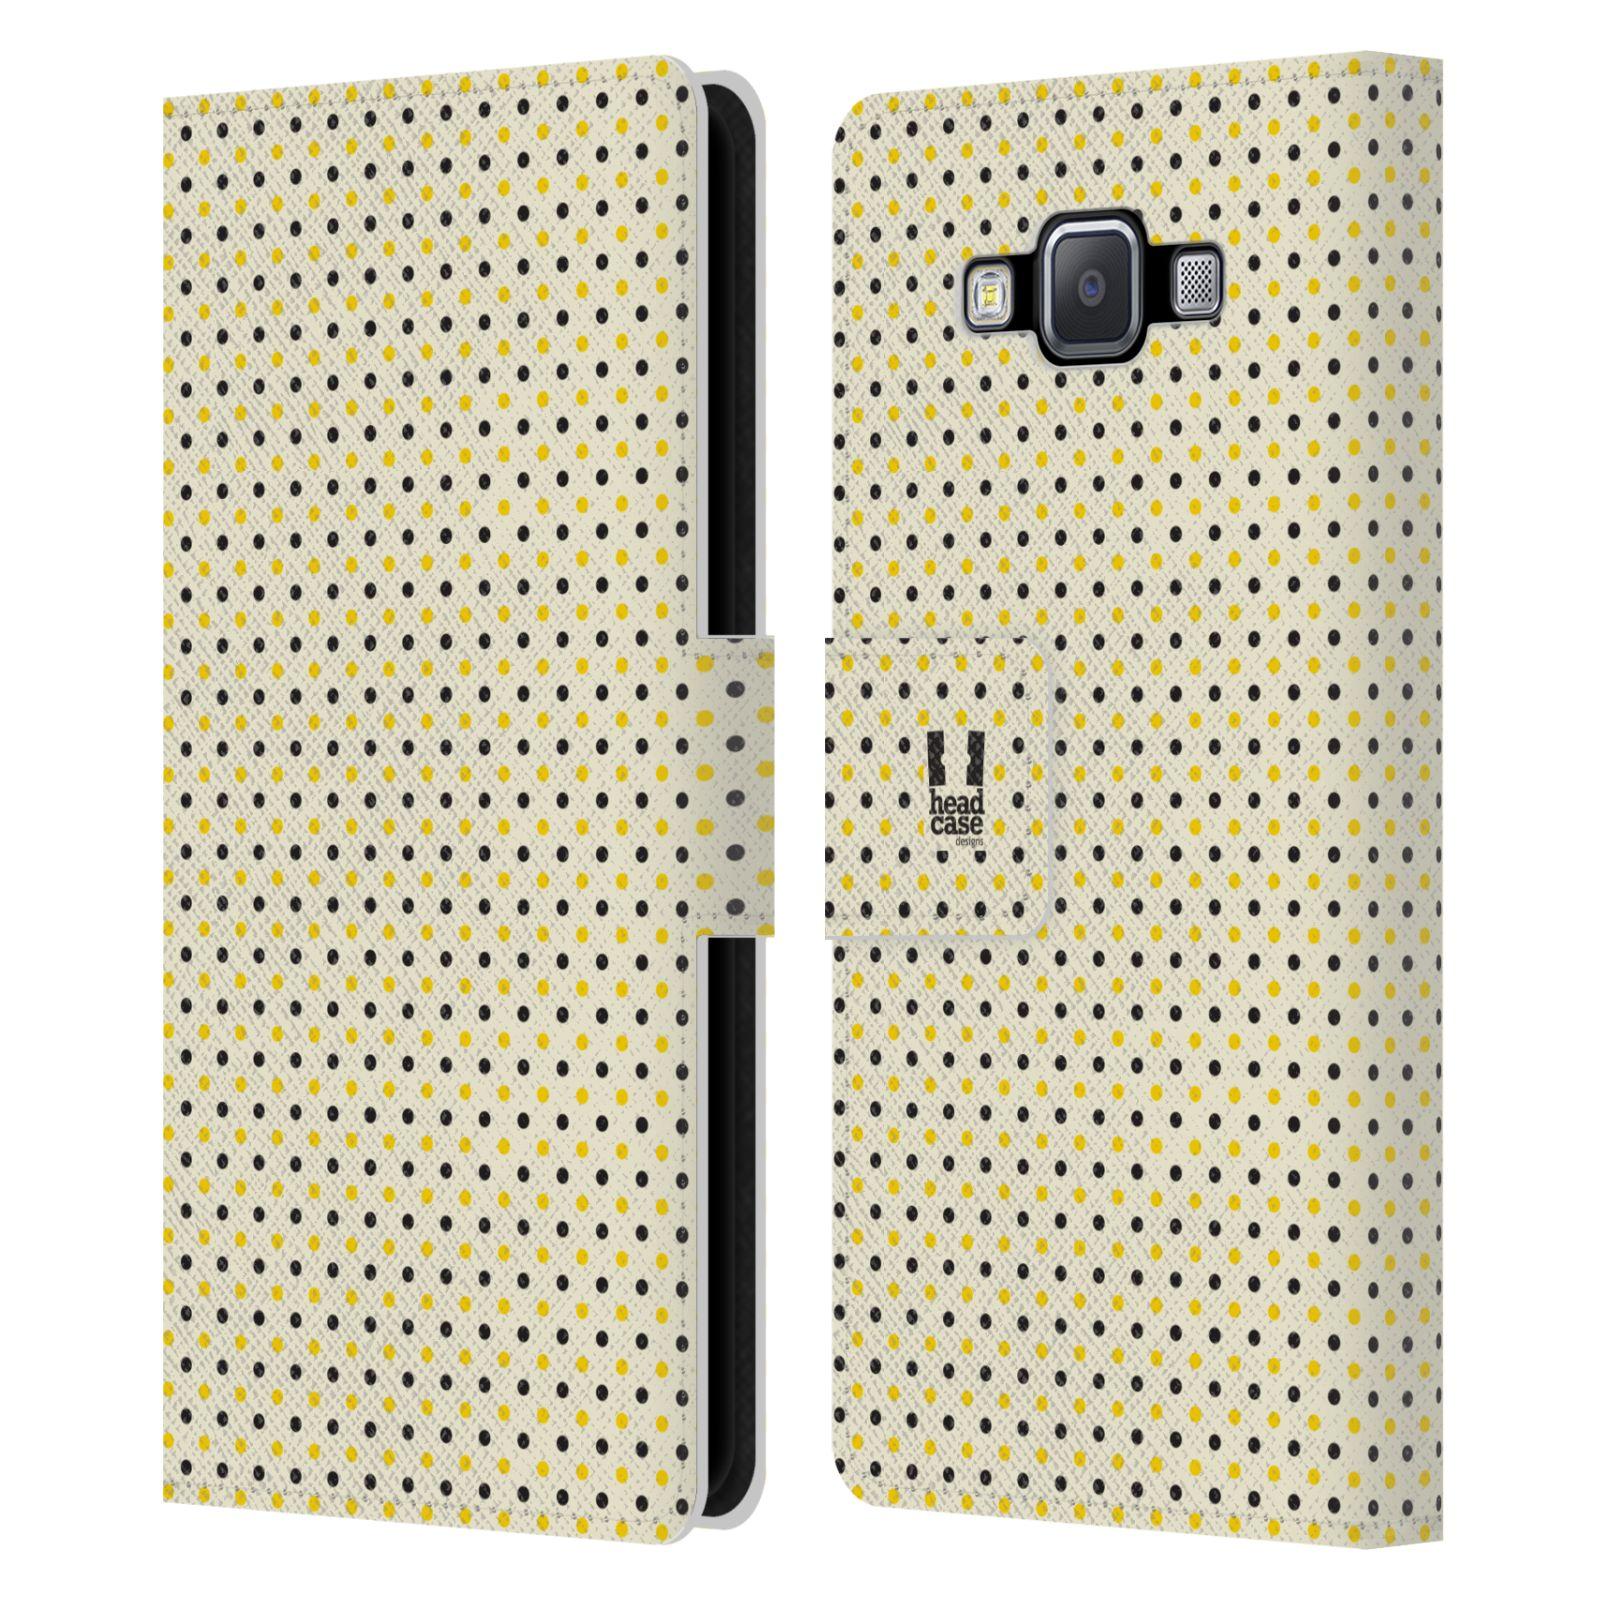 HEAD CASE Flipové pouzdro pro mobil Samsung Galaxy A5 VČELÍ VZOR tečky a puntíky